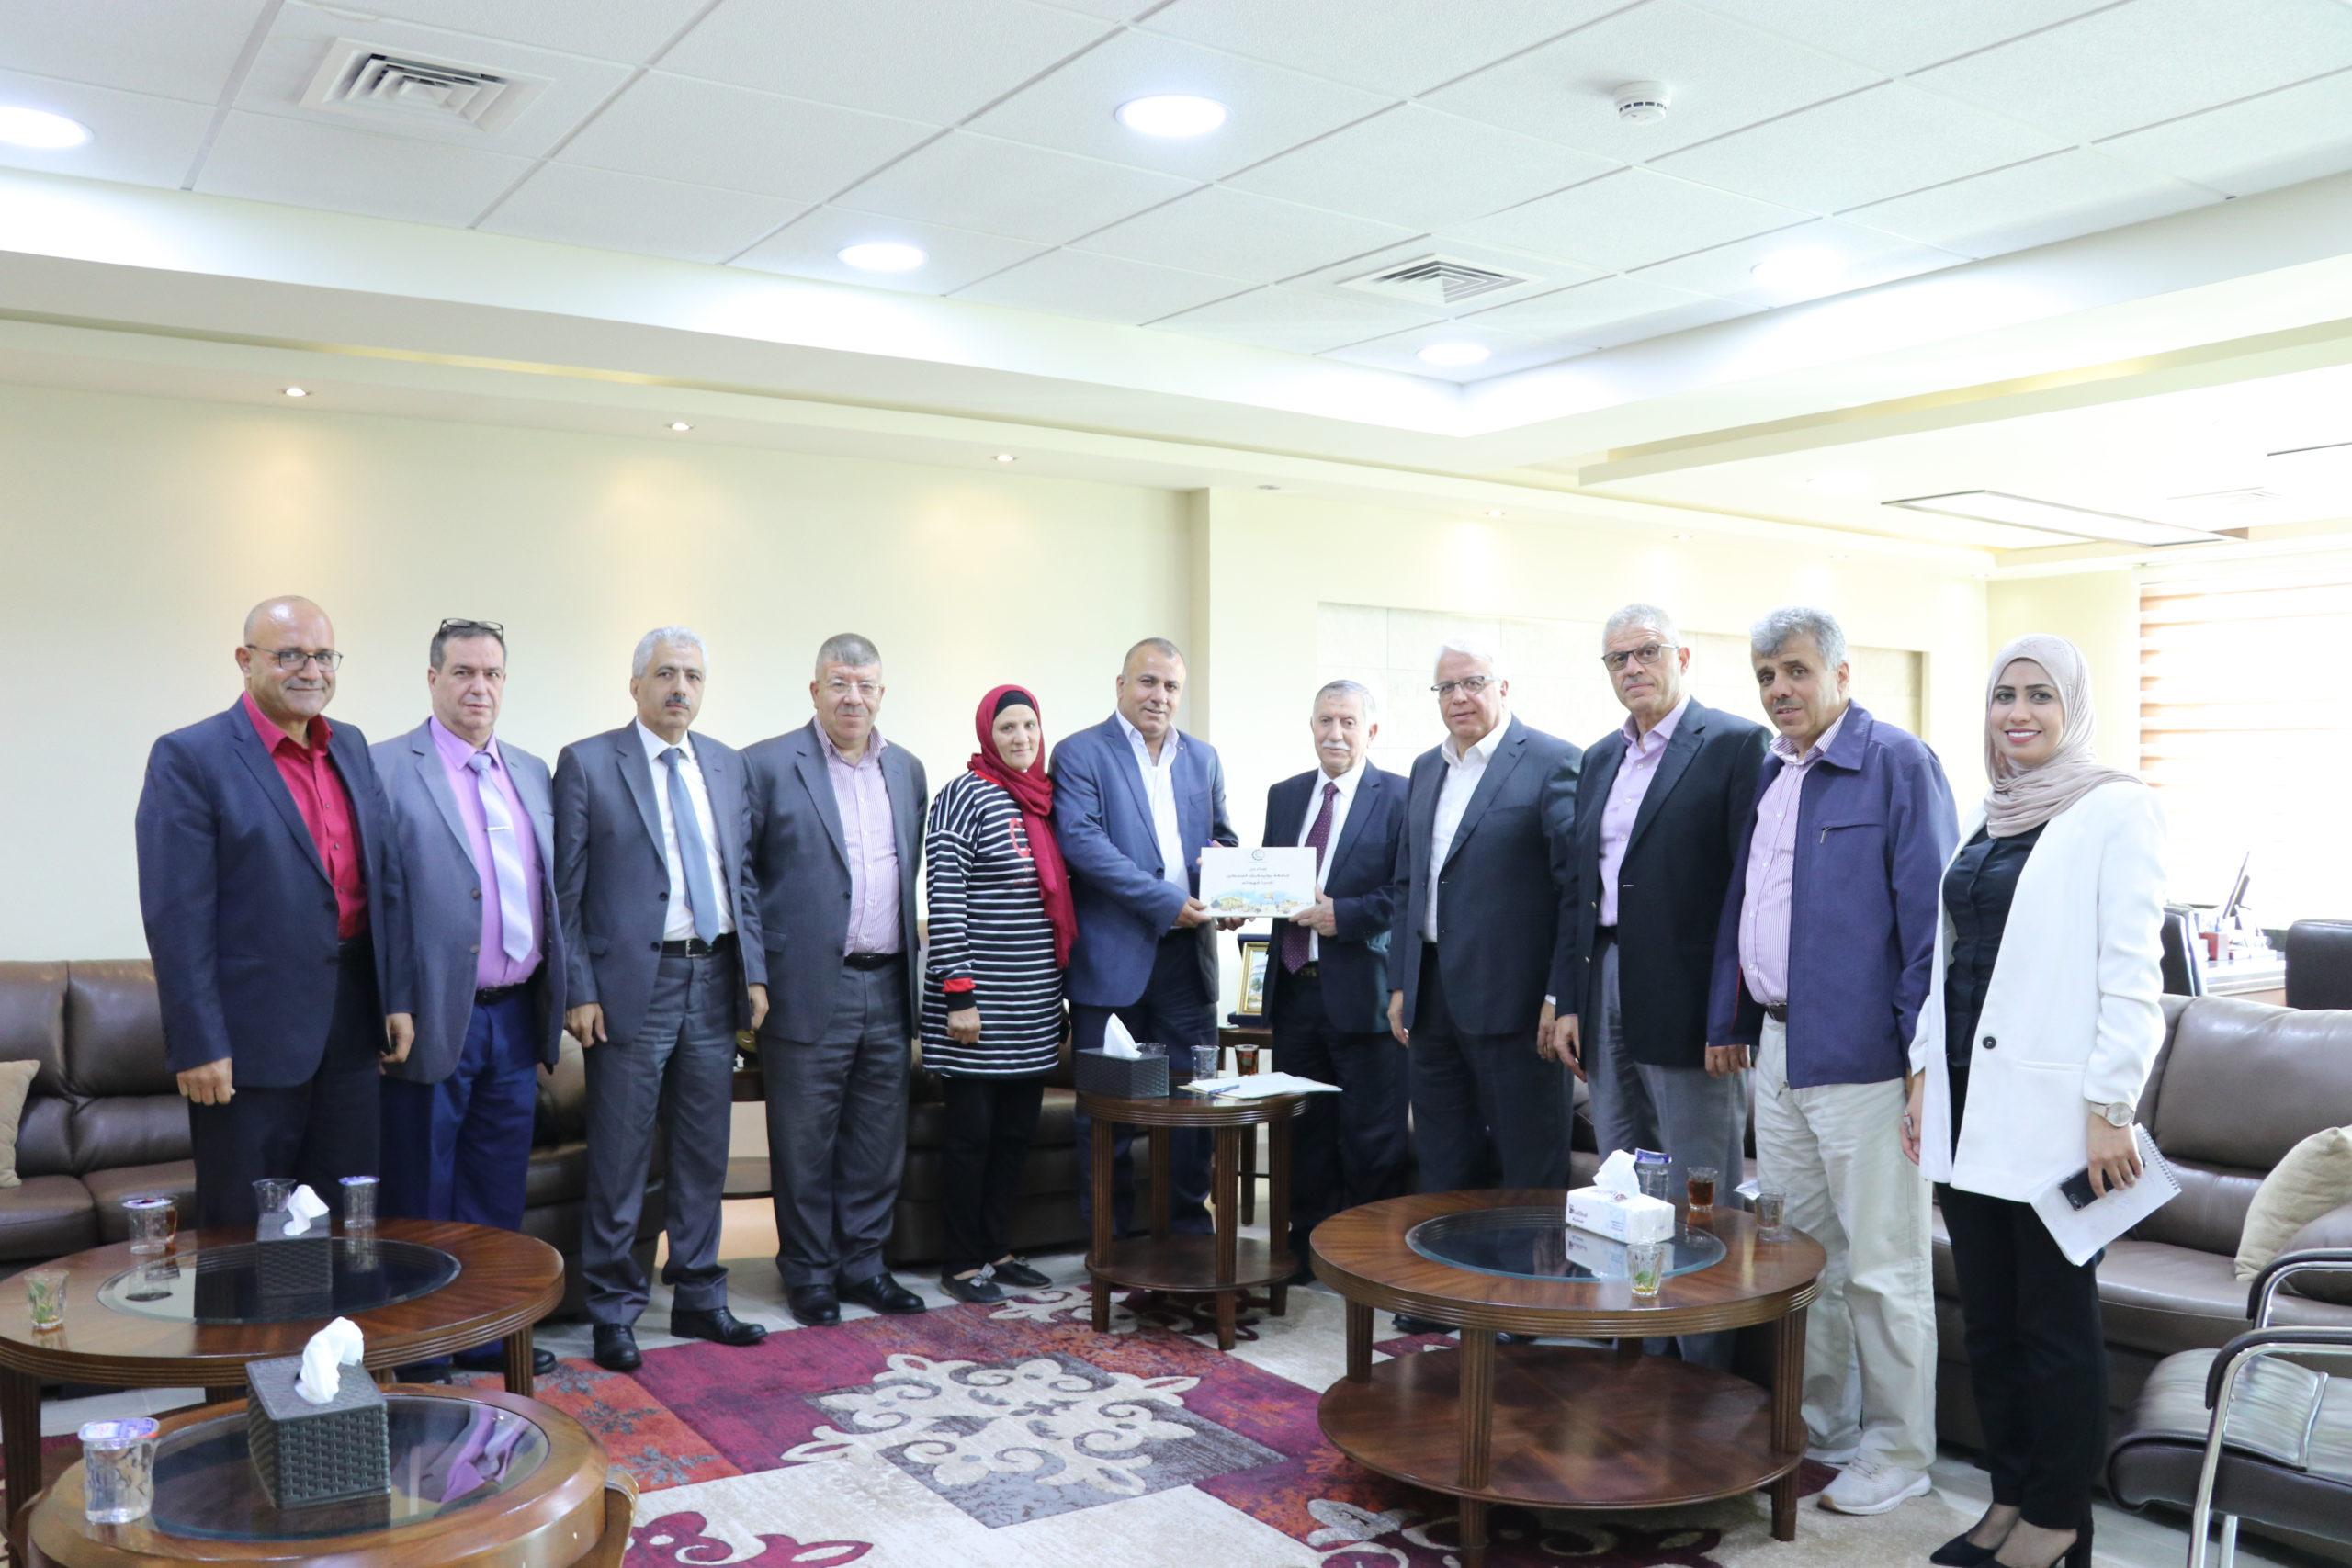 جامعة بوليتكنك فلسطين تستقبل مستشار رئيس الوزراء لشؤون الصناديق العربية والإسلامية